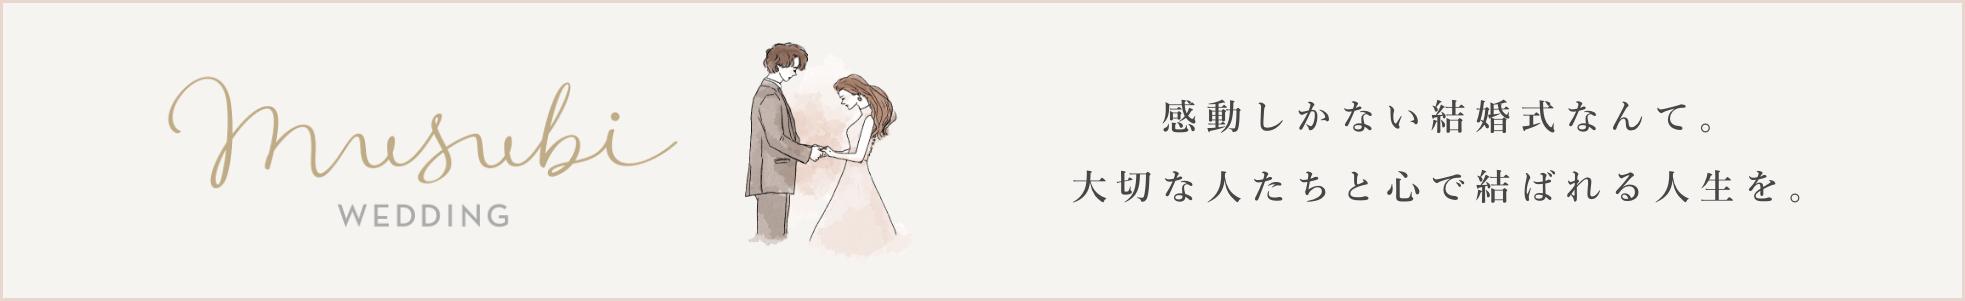 Musubi wedding 感動しかない結婚式なんて。大切な人たちと心で結ばれる人生を。